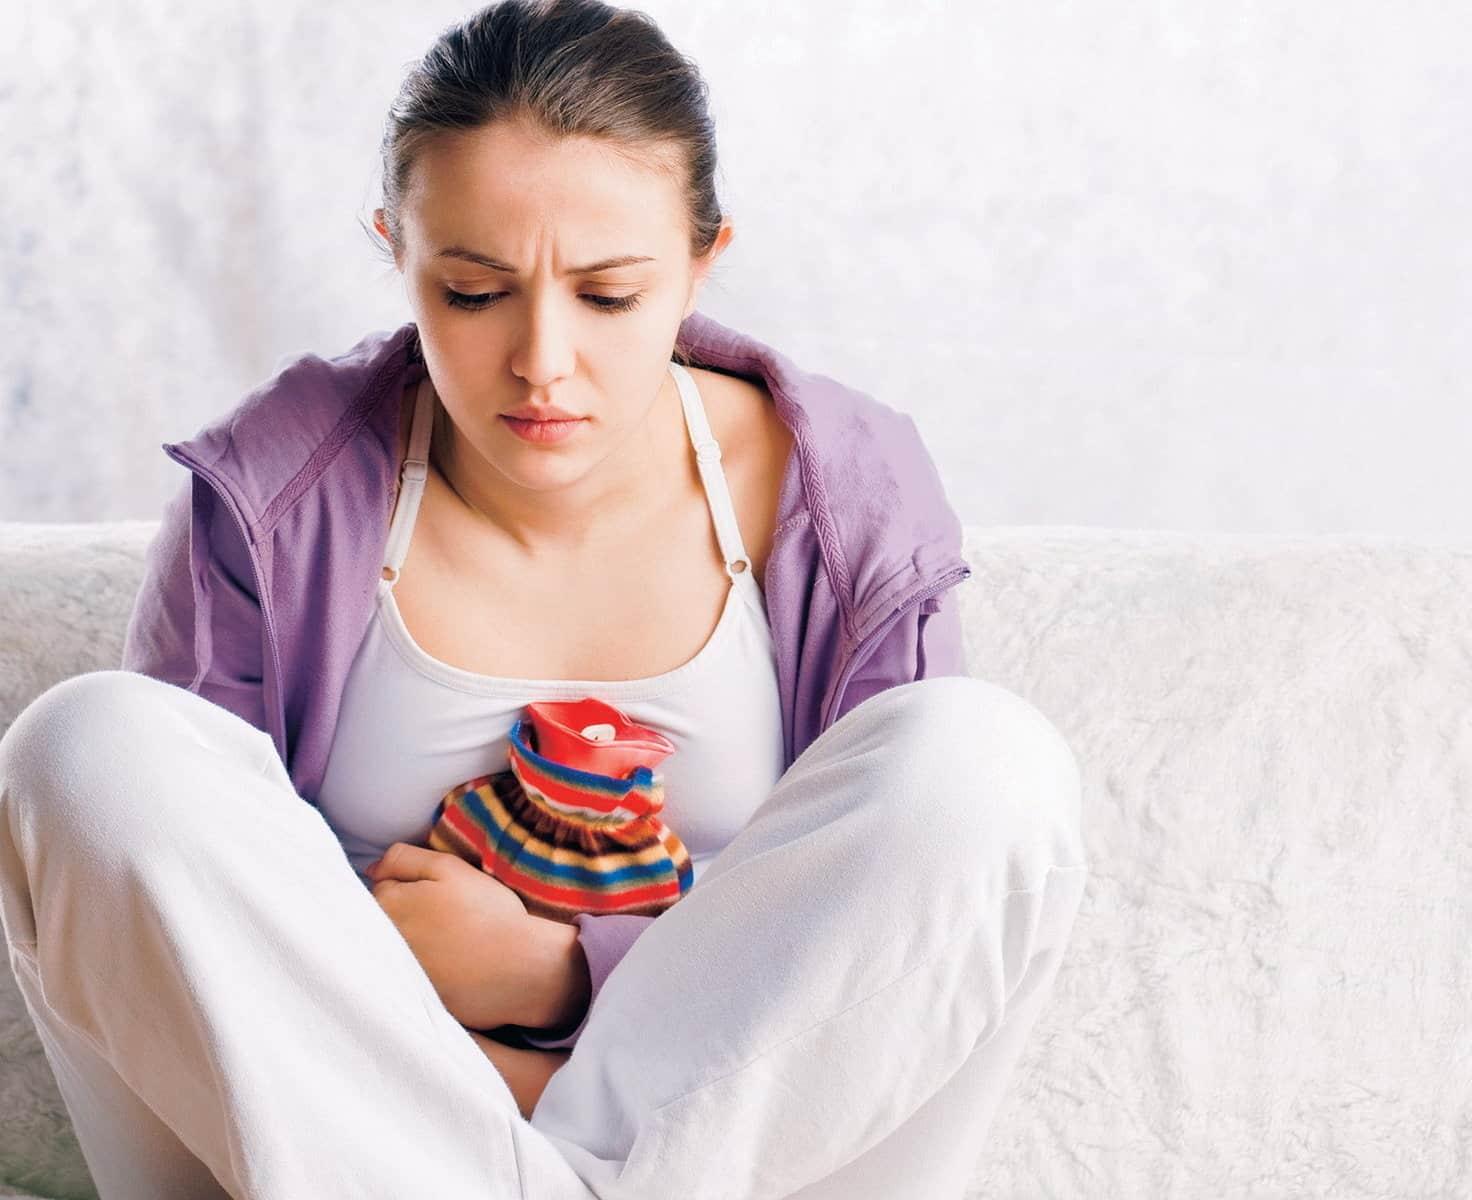 Сбалансированное питание во время месячных поможет улучшить самочувствие